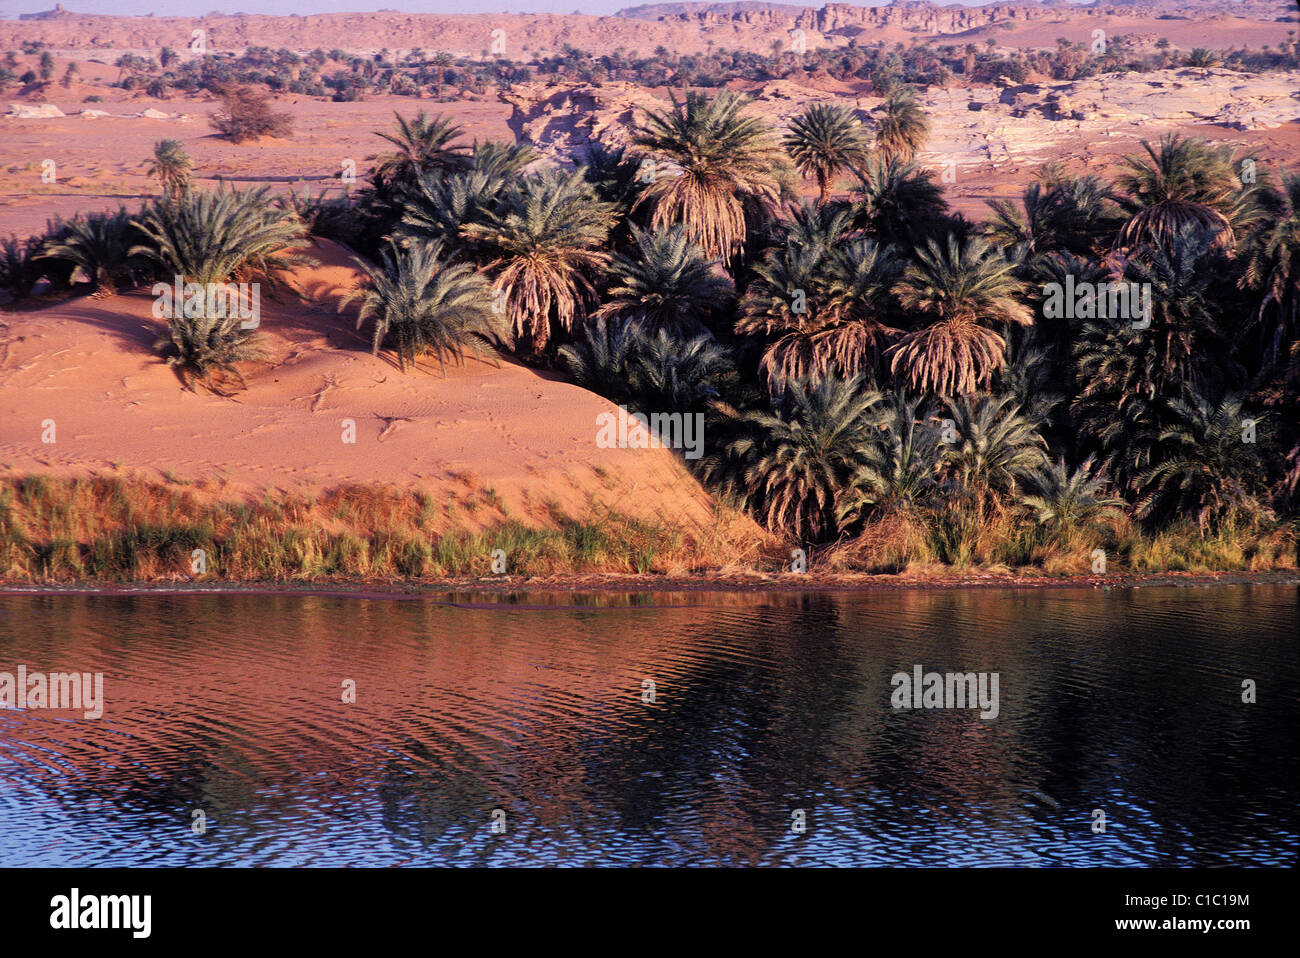 Chad, Ennedi, Ounianga Kebir, Lake Yoa - Stock Image